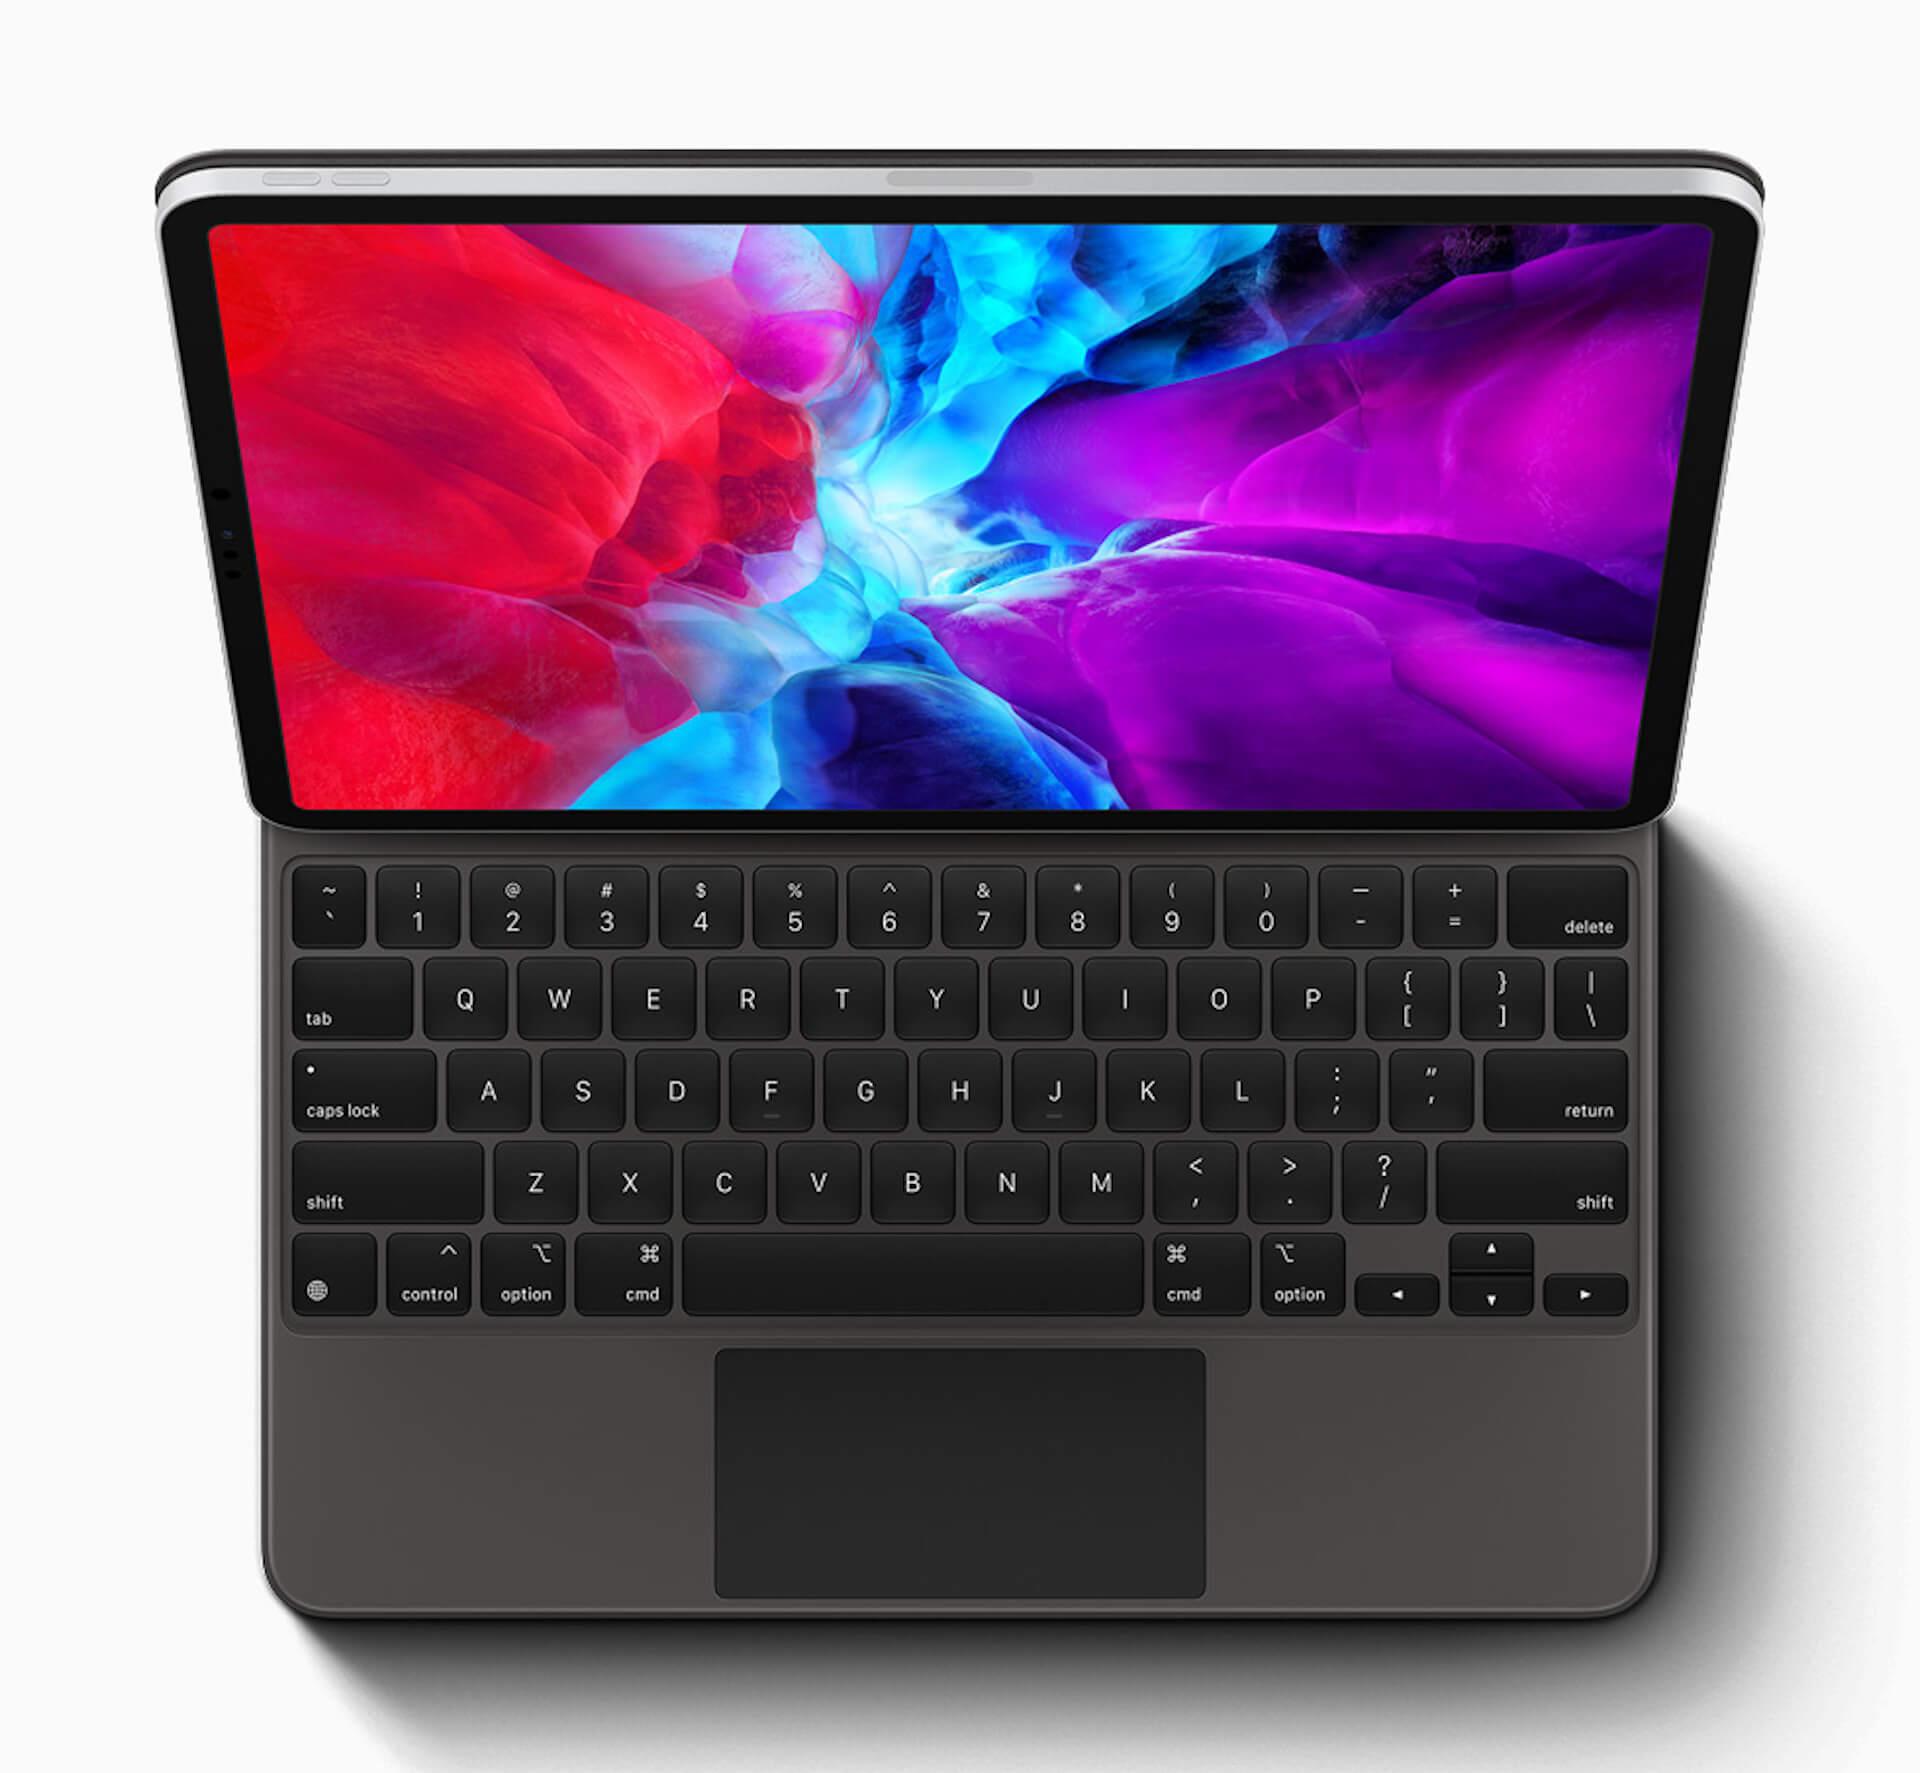 新型iPad ProのWi-Fiモデルが4月中旬までに発表?5G対応モデルは遅れての発売か tech210406_ipadpro_main